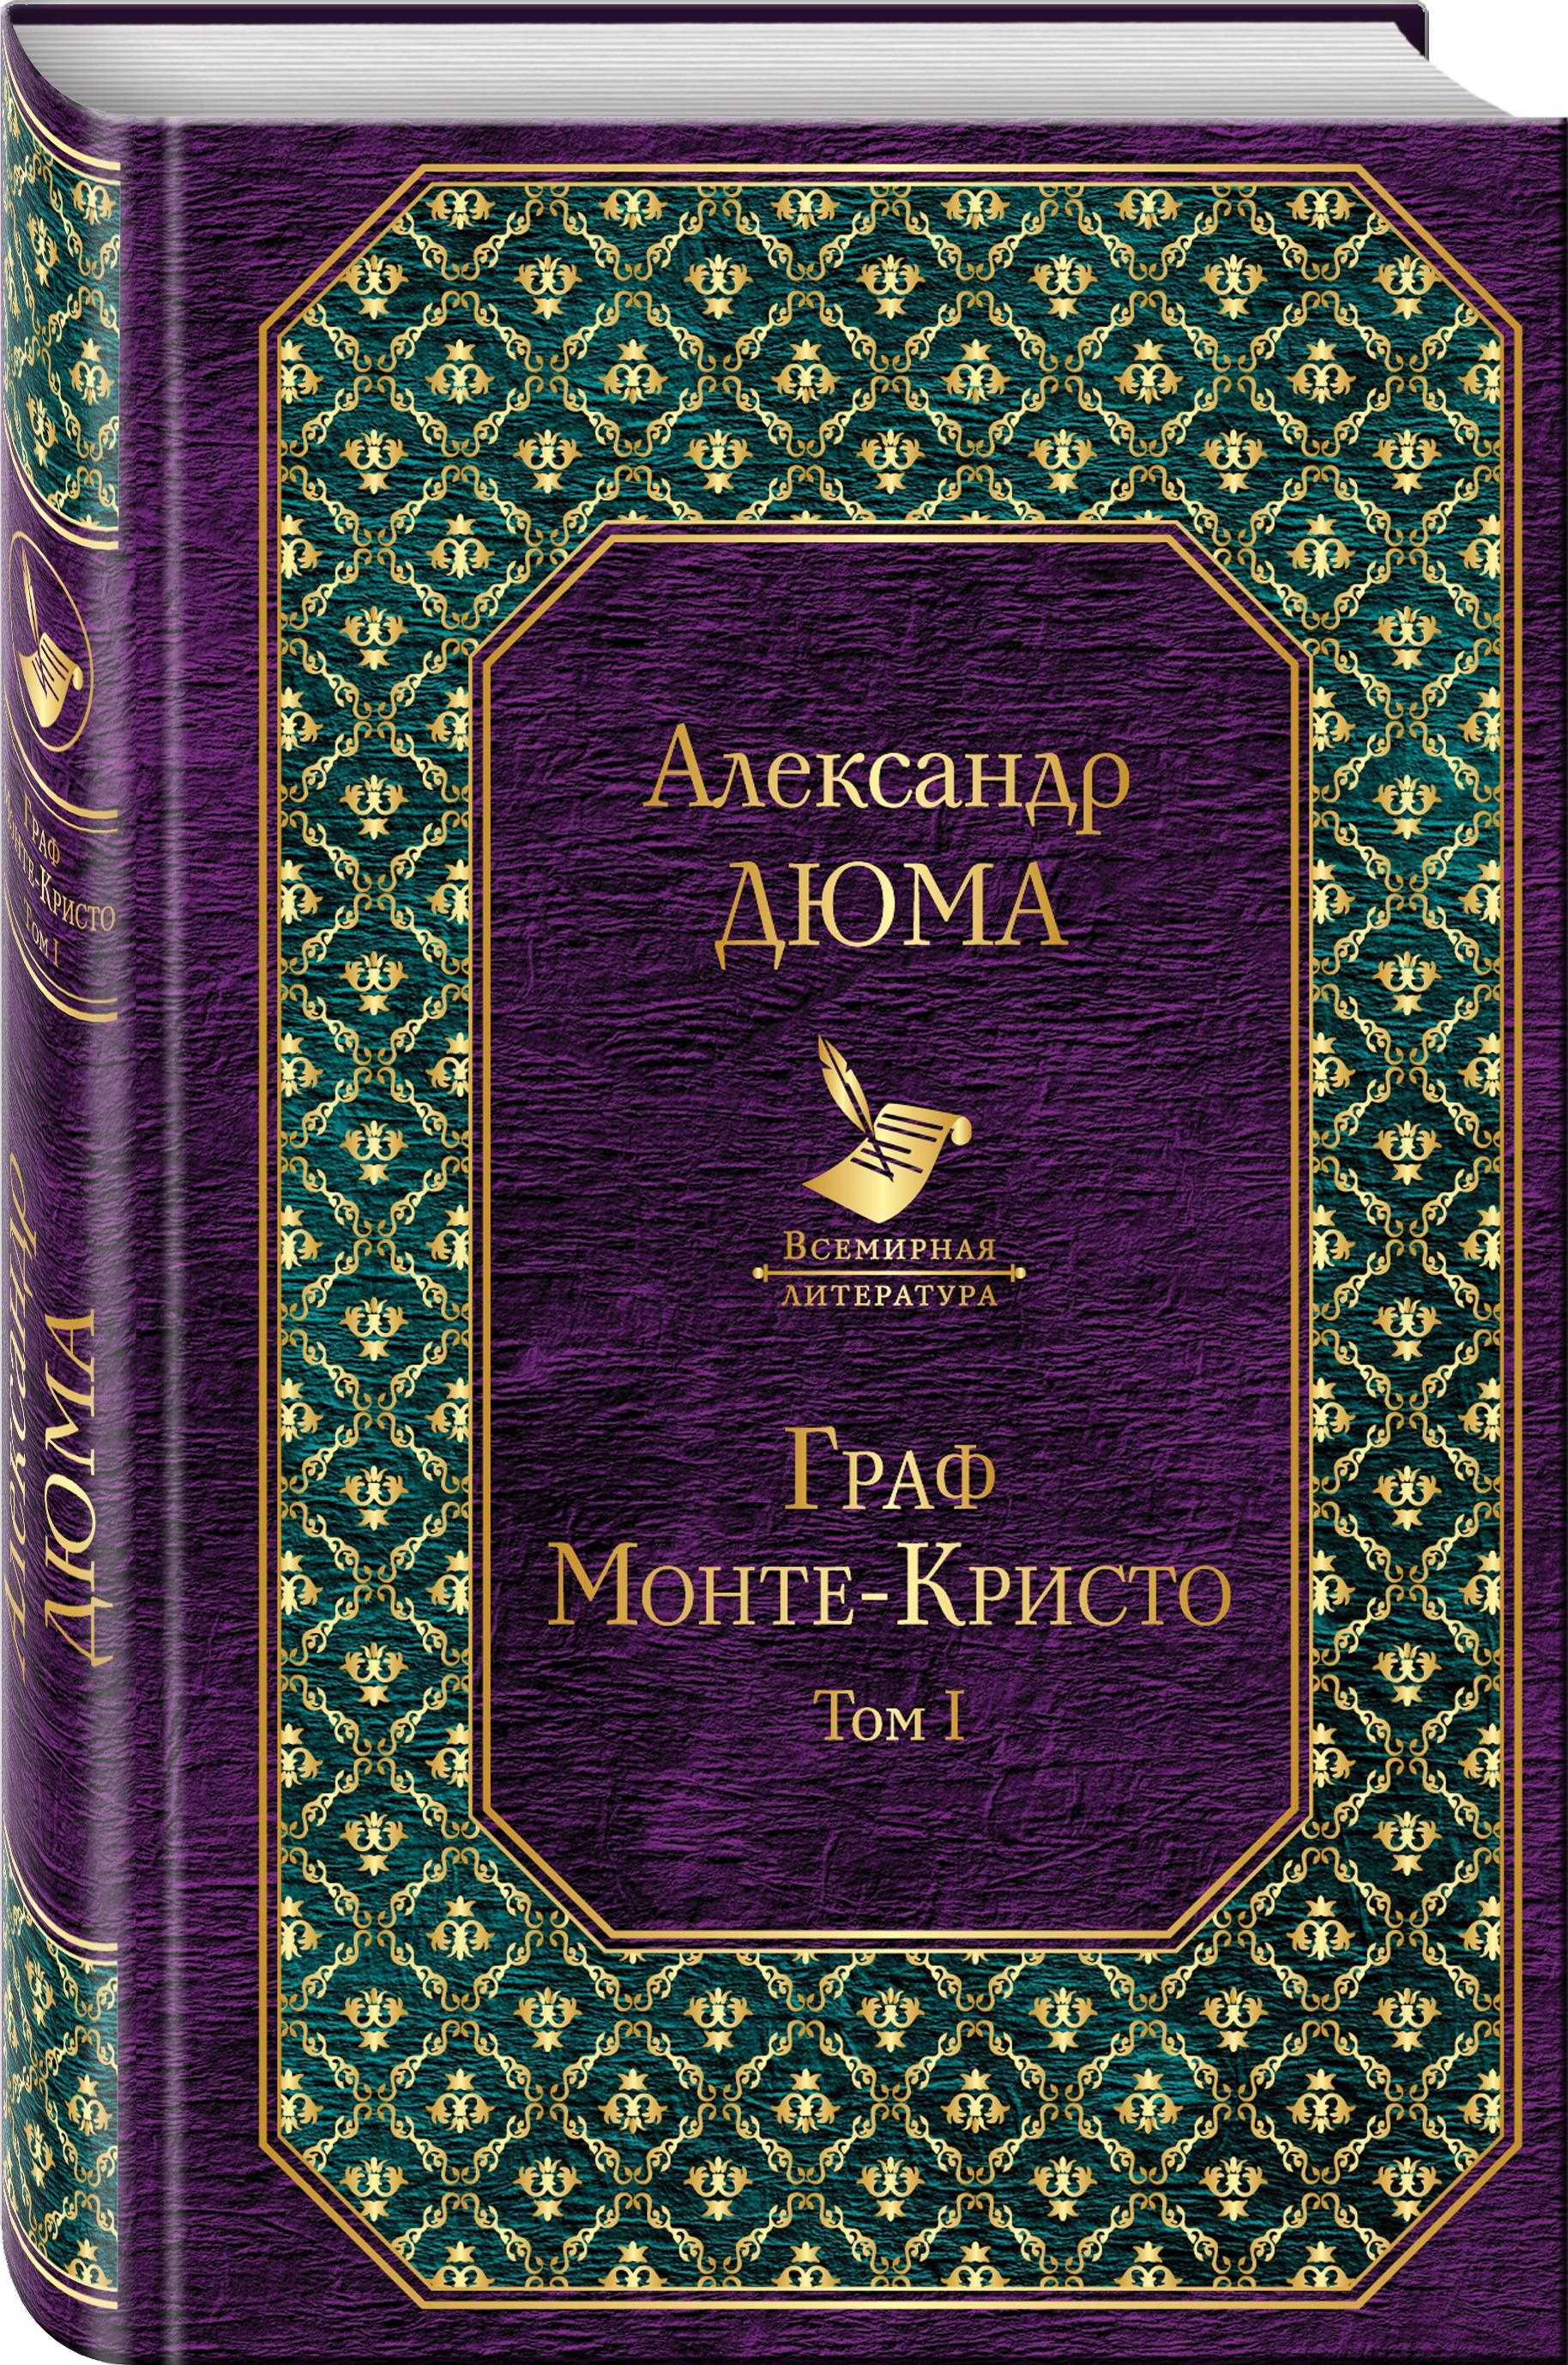 Дюма А. Граф Монте-Кристо. Т. 1 дюма александр отец граф монте кристо том 1